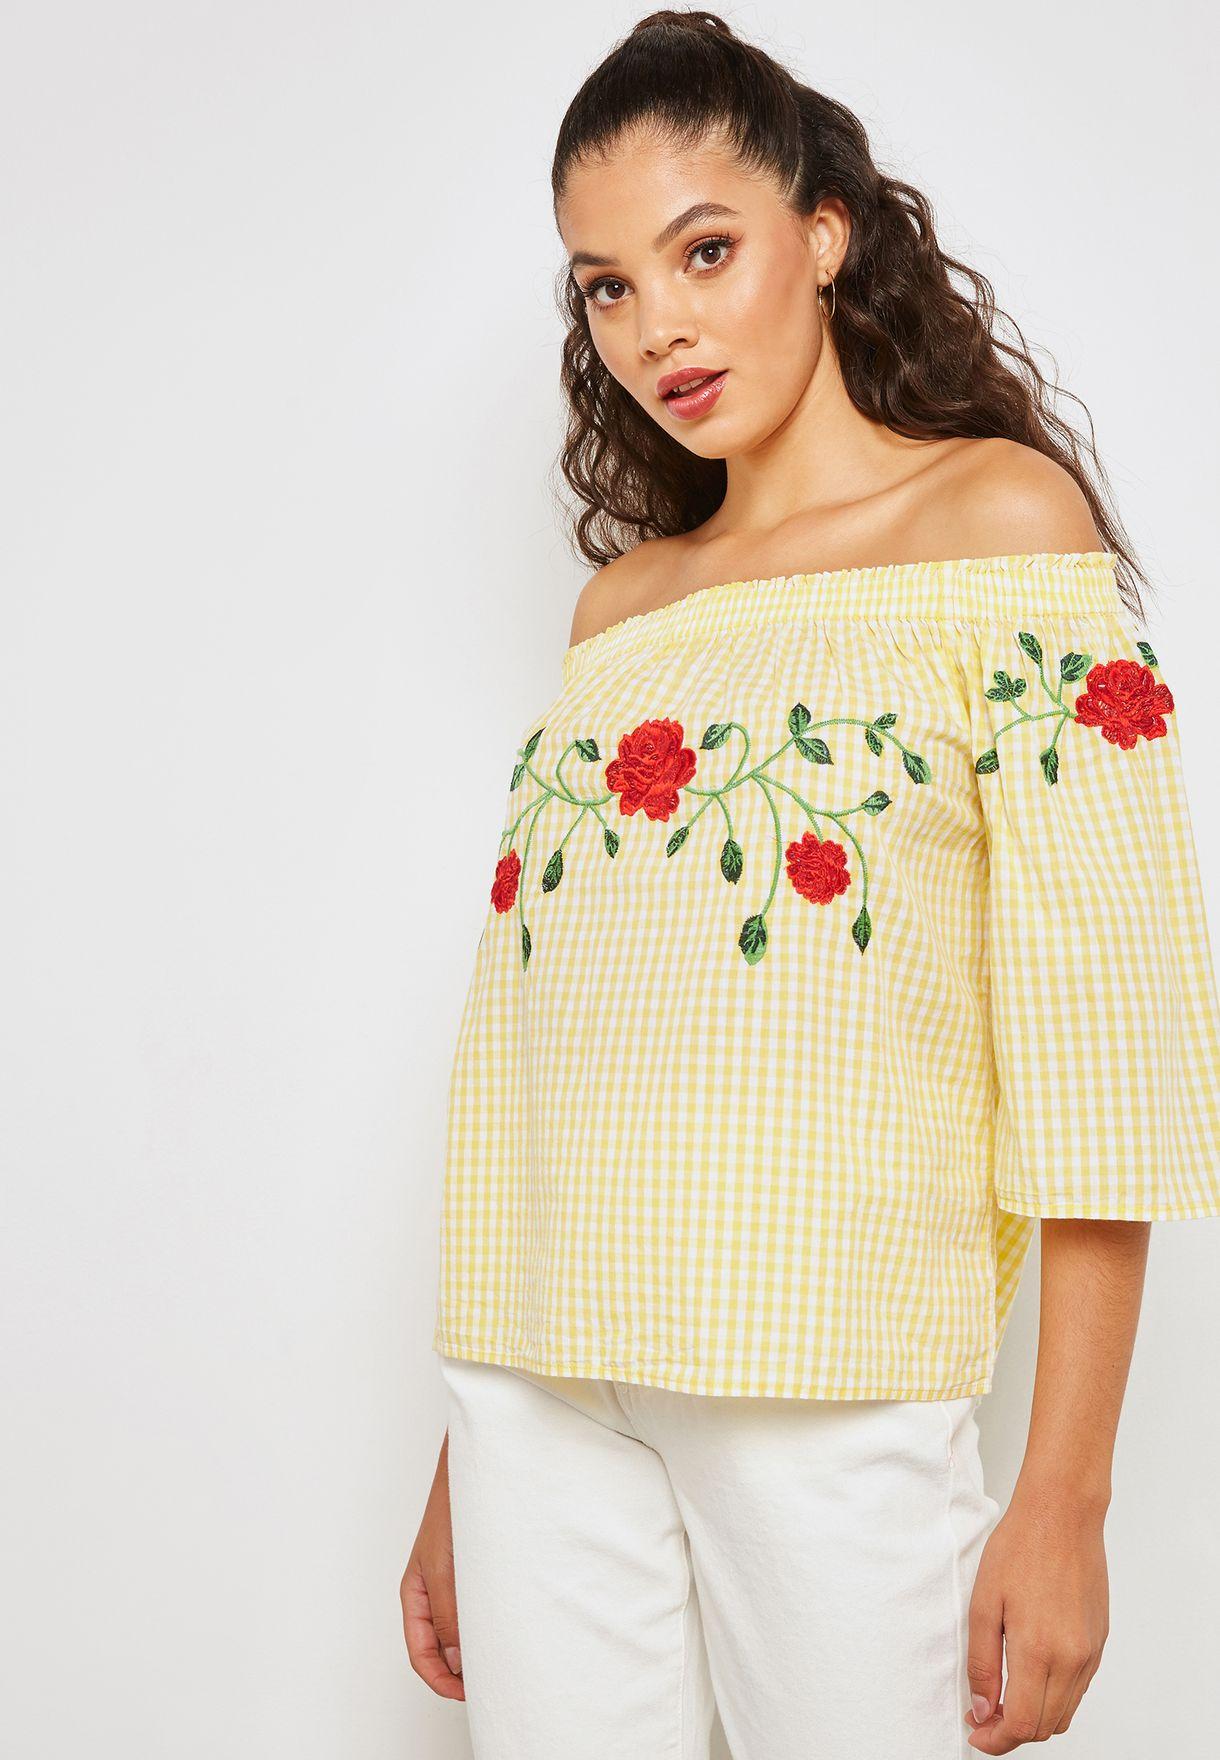 910e928b0a9 Shop Vero Moda yellow Gingham Embroidered Bardot Top 10197586 for ...